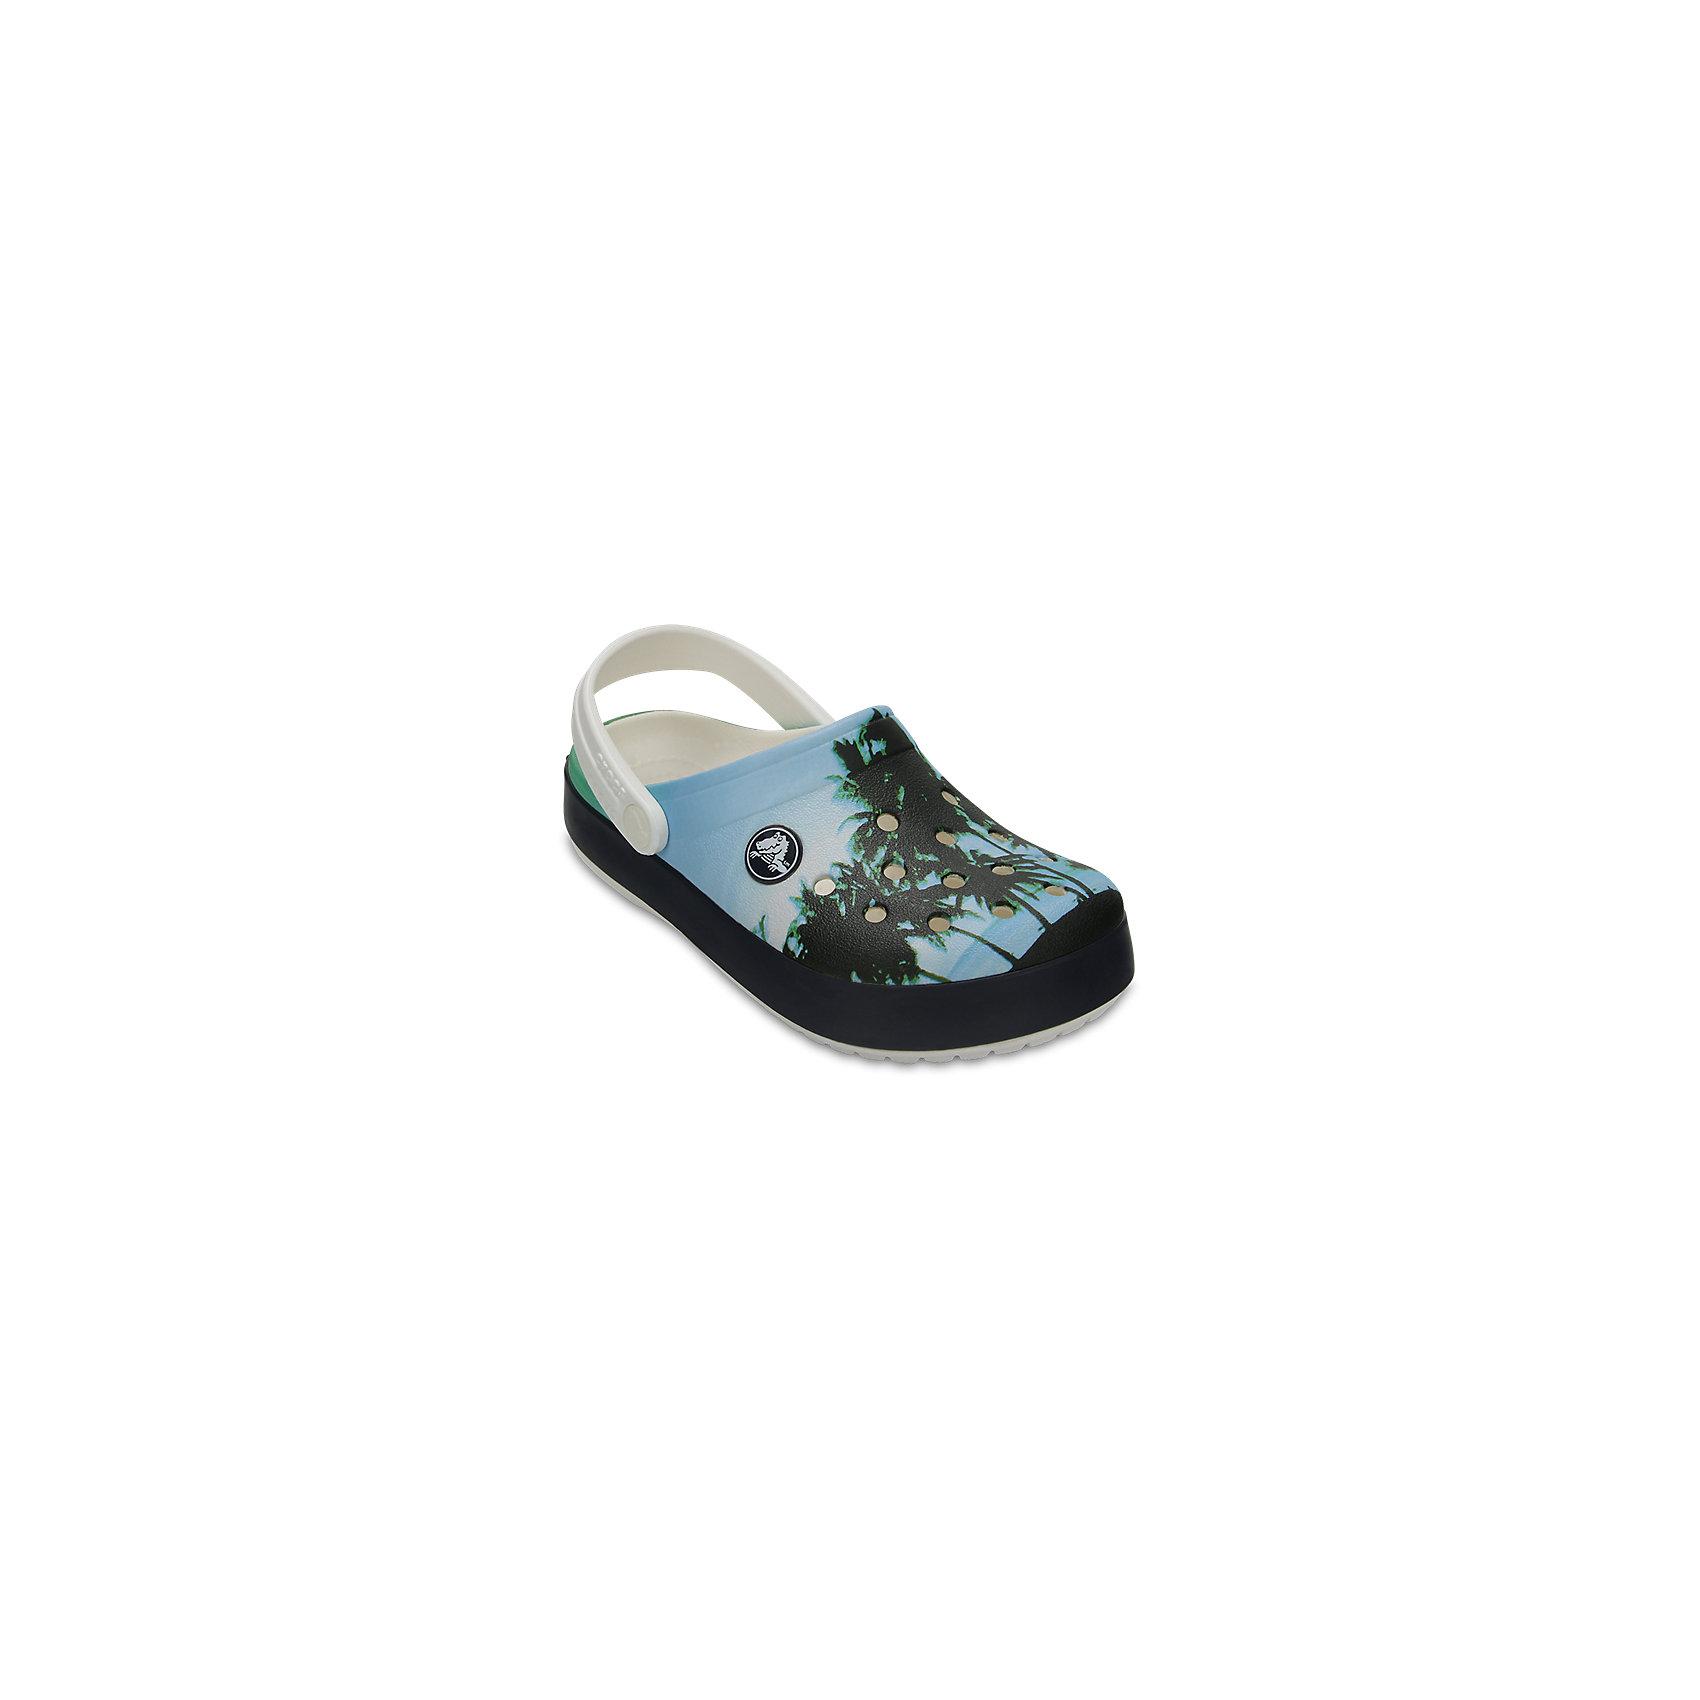 Сабо Kids Classic для мальчика CROCSПляжная обувь<br>Характеристики товара:<br><br>• цвет: разноцветный<br>• принт: пальмы<br>• сезон: лето<br>• тип: пляжная обувь<br>• материал: 100% полимер Croslite™<br>• под воздействием температуры тела принимают форму стопы<br>• полностью литая модель<br>• вентиляционные отверстия<br>• бактериостатичный материал<br>• пяточный ремешок фиксирует стопу<br>• отверстия для использования украшений<br>• анатомическая стелька с массажными точками<br>• страна бренда: США<br>• страна изготовитель: Китай<br><br>Для правильного развития ребенка крайне важно, чтобы обувь была удобной.<br><br>Такие сабо обеспечивают детям необходимый комфорт, а анатомическая стелька с массажными линиями для стимуляции кровообращения позволяет ножкам дольше не уставать. <br><br>Материал, из которого они сделаны, не дает размножаться бактериям, поэтому такая обувь препятствует образованию неприятного запаха и появлению болезней стоп.<br><br>Обувь от американского бренда Crocs в данный момент завоевала широкую популярность во всем мире, и это не удивительно - ведь она невероятно удобна. <br><br>Её носят врачи, спортсмены, звёзды шоу-бизнеса, люди, которым много времени приходится бывать на ногах - они понимают, как важна комфортная обувь. <br><br>Продукция Crocs - это качественные товары, созданные с применением новейших технологий. <br><br>Обувь отличается стильным дизайном и продуманной конструкцией. Изделие производится из качественных и проверенных материалов, которые безопасны для детей.<br><br>Сабо Kids Classic от торговой марки Crocs можно купить в нашем интернет-магазине.<br><br>Ширина мм: 225<br>Глубина мм: 139<br>Высота мм: 112<br>Вес г: 290<br>Цвет: белый<br>Возраст от месяцев: 15<br>Возраст до месяцев: 18<br>Пол: Мужской<br>Возраст: Детский<br>Размер: 22,23,24,25,26,31/32,33/34,34/35,27,28,29,30,21<br>SKU: 5416552